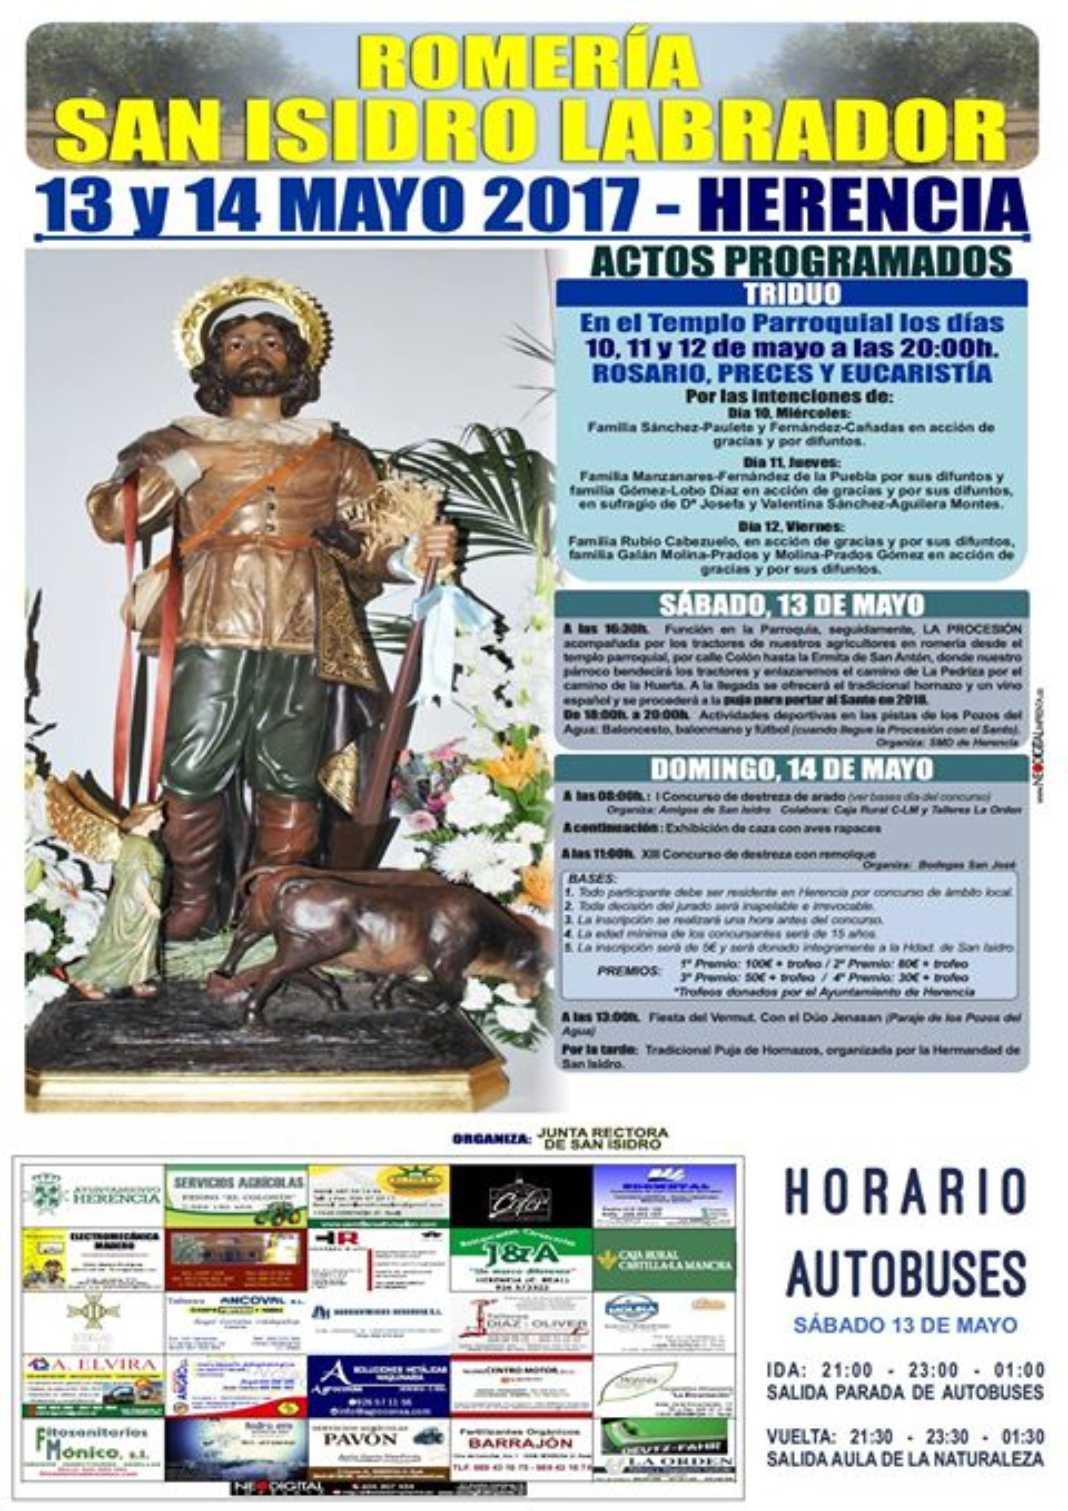 romeria san isidro labrador herencia 1068x1511 - Este sábado se celebra la tradicional Romería de San Isidro Labrador